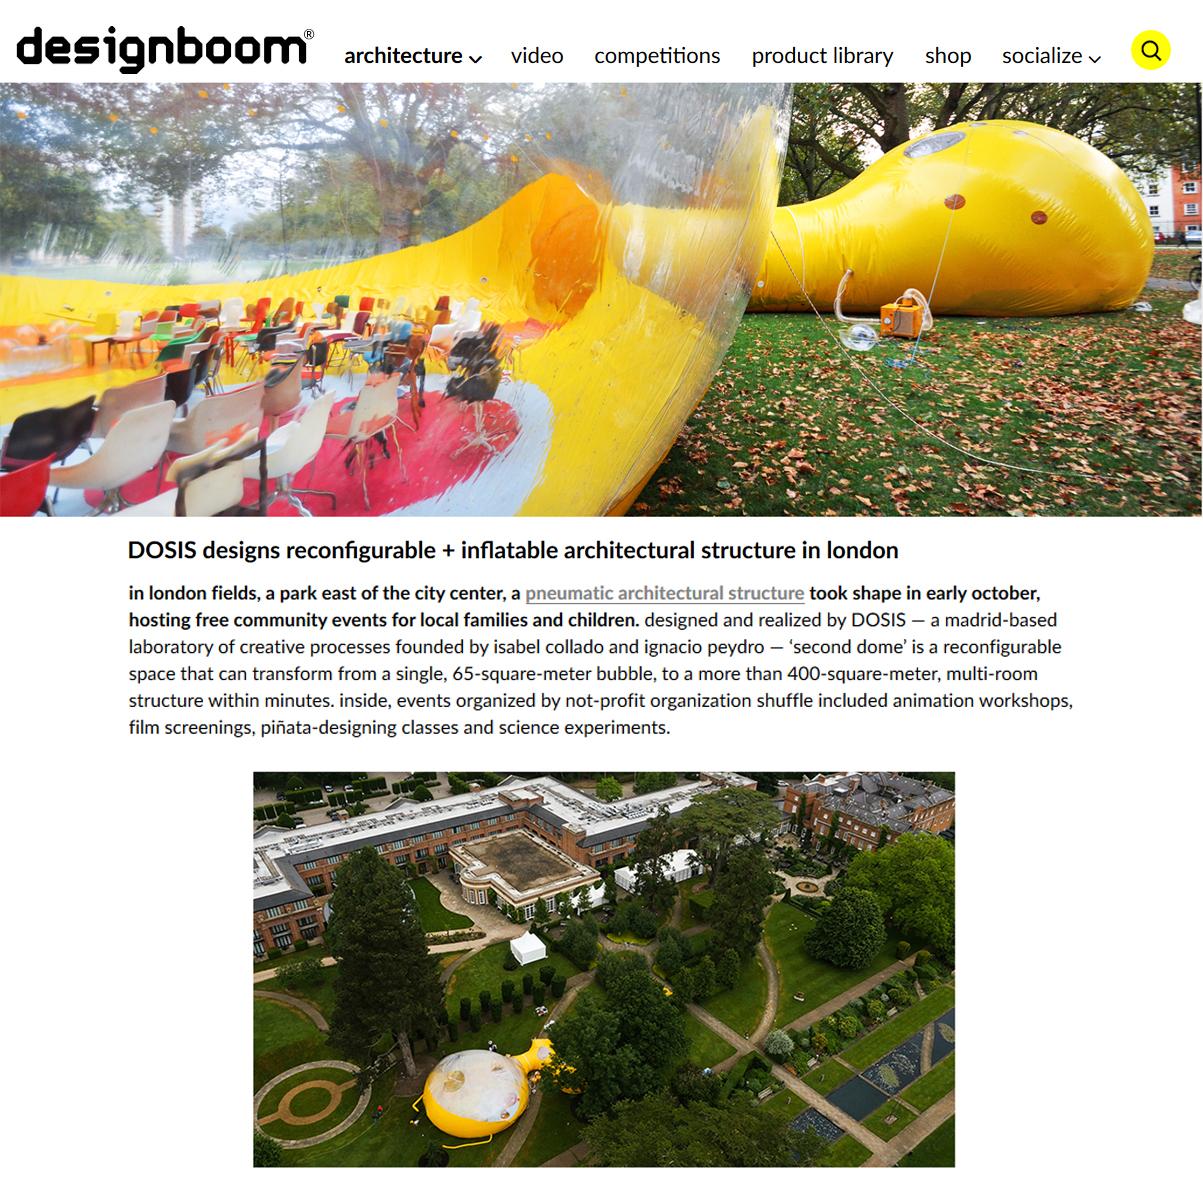 Designboom. 2016